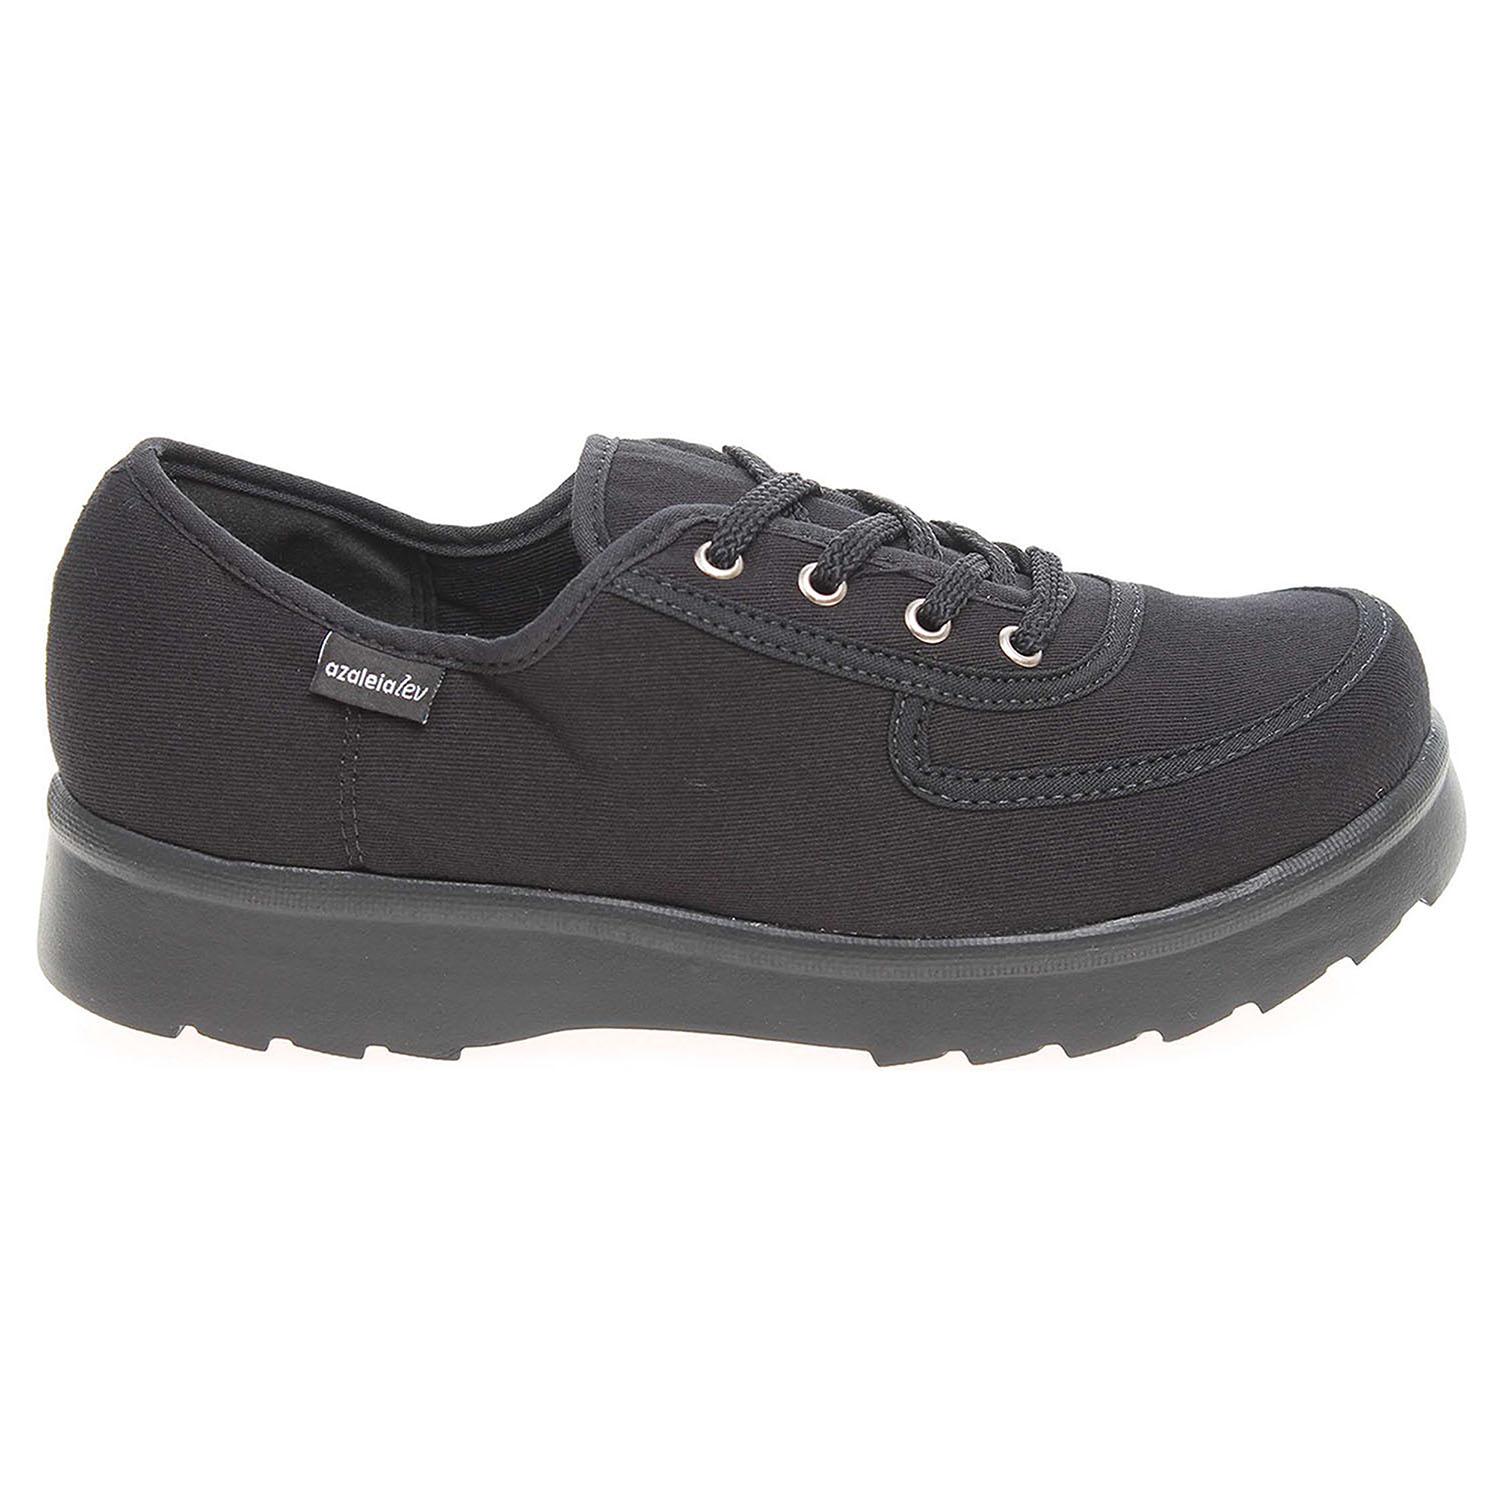 Azaleia dámská obuv 630-189 černá 42